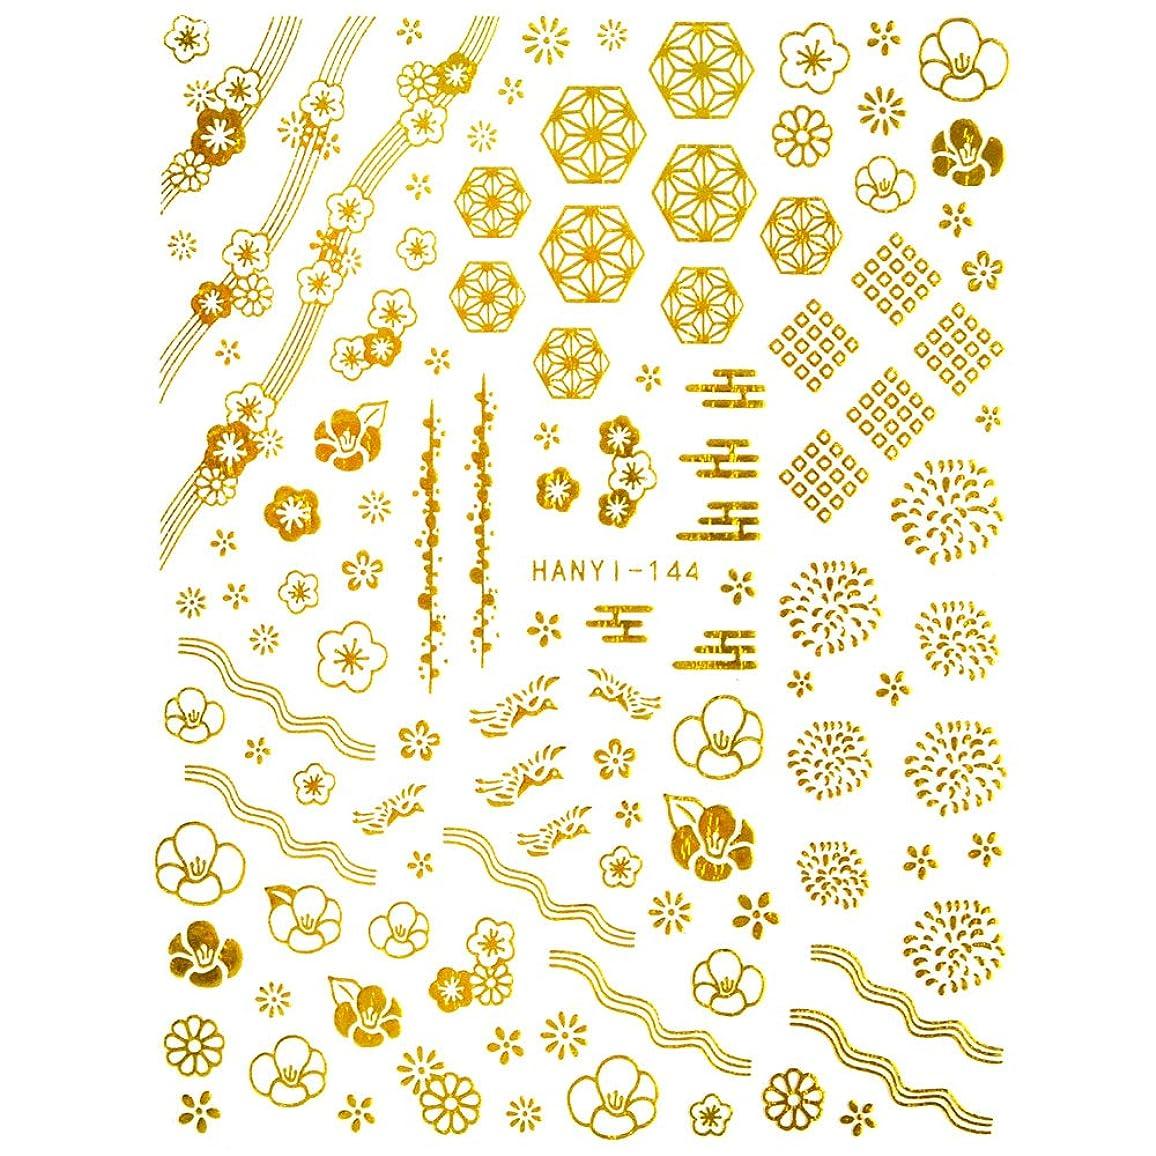 休み救援衝突する【HANYI-144】金和花 ネイルシール 箔和柄 和柄 フラワー 花 金箔 お正月 成人式 和風